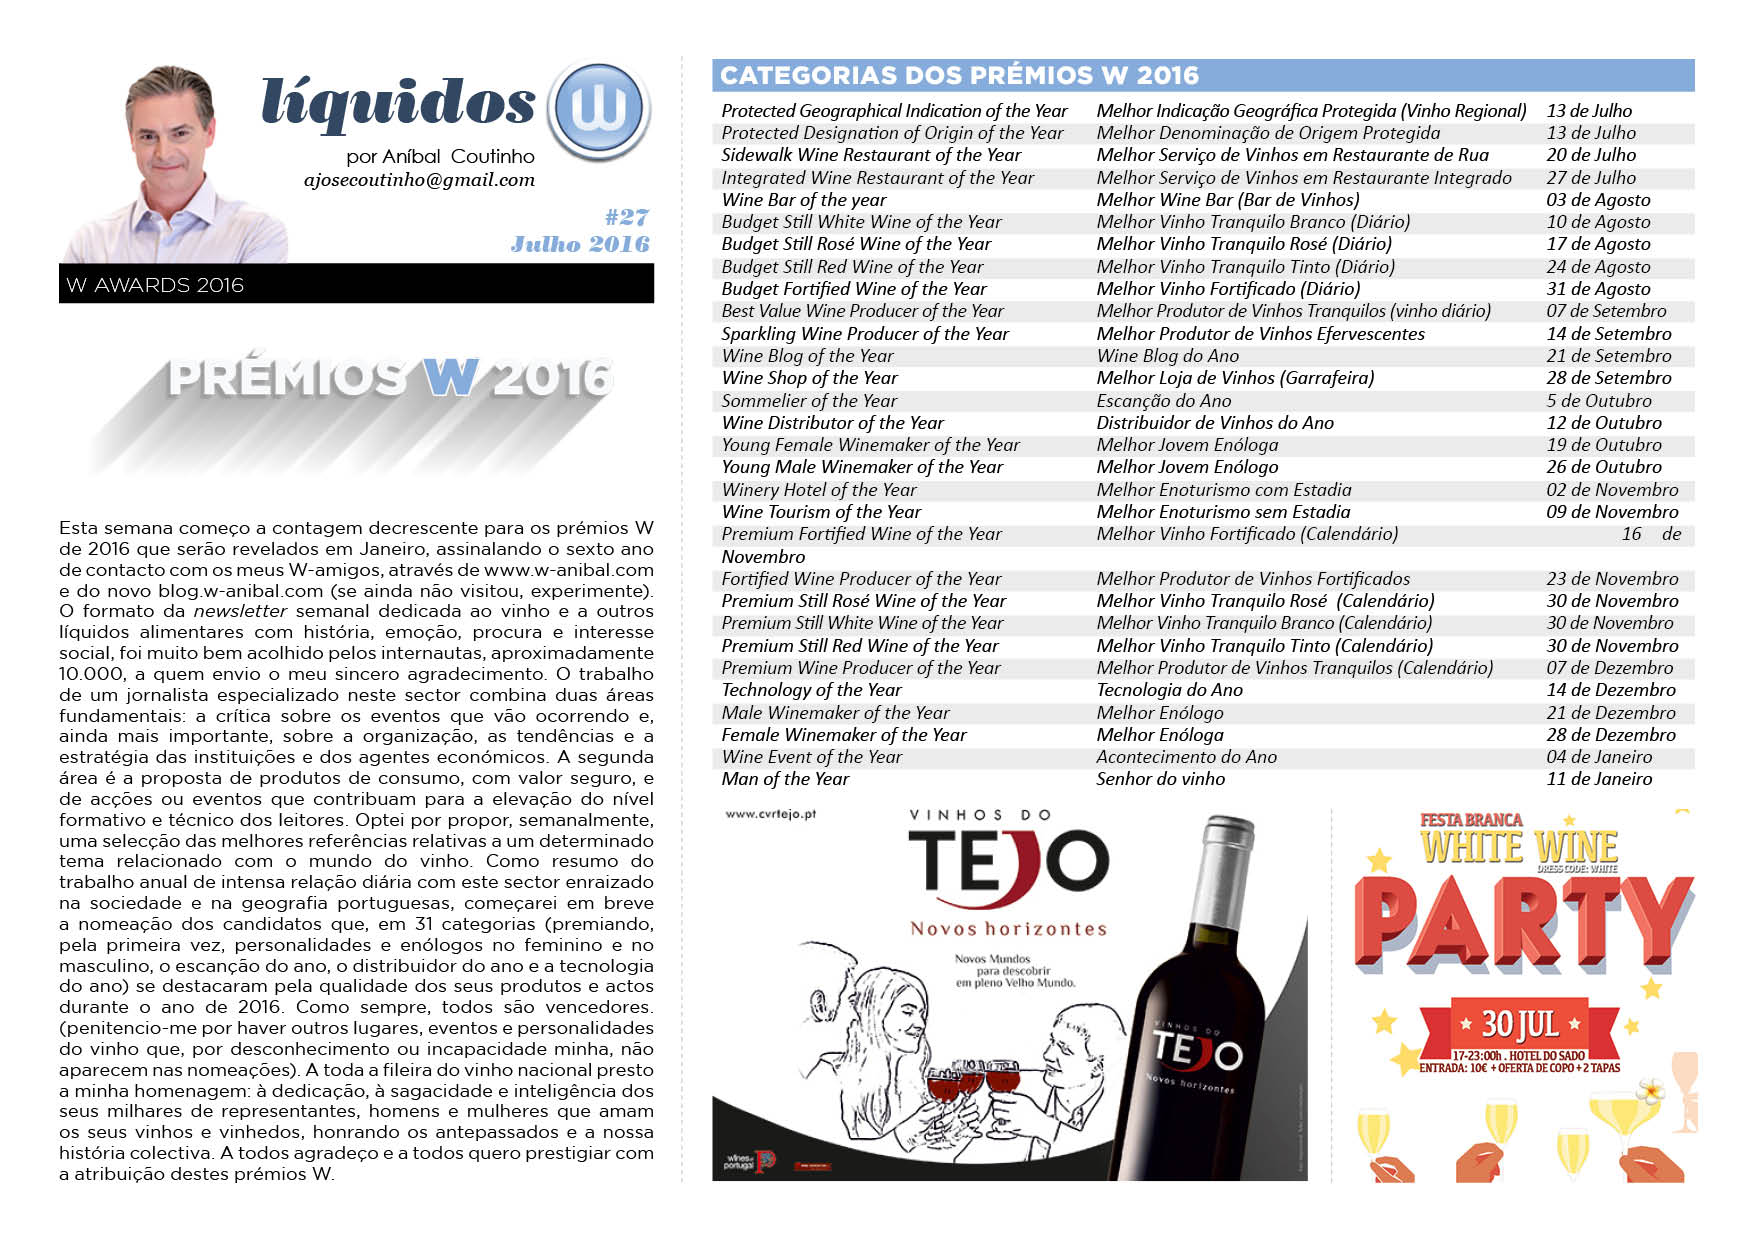 Newsletter #27